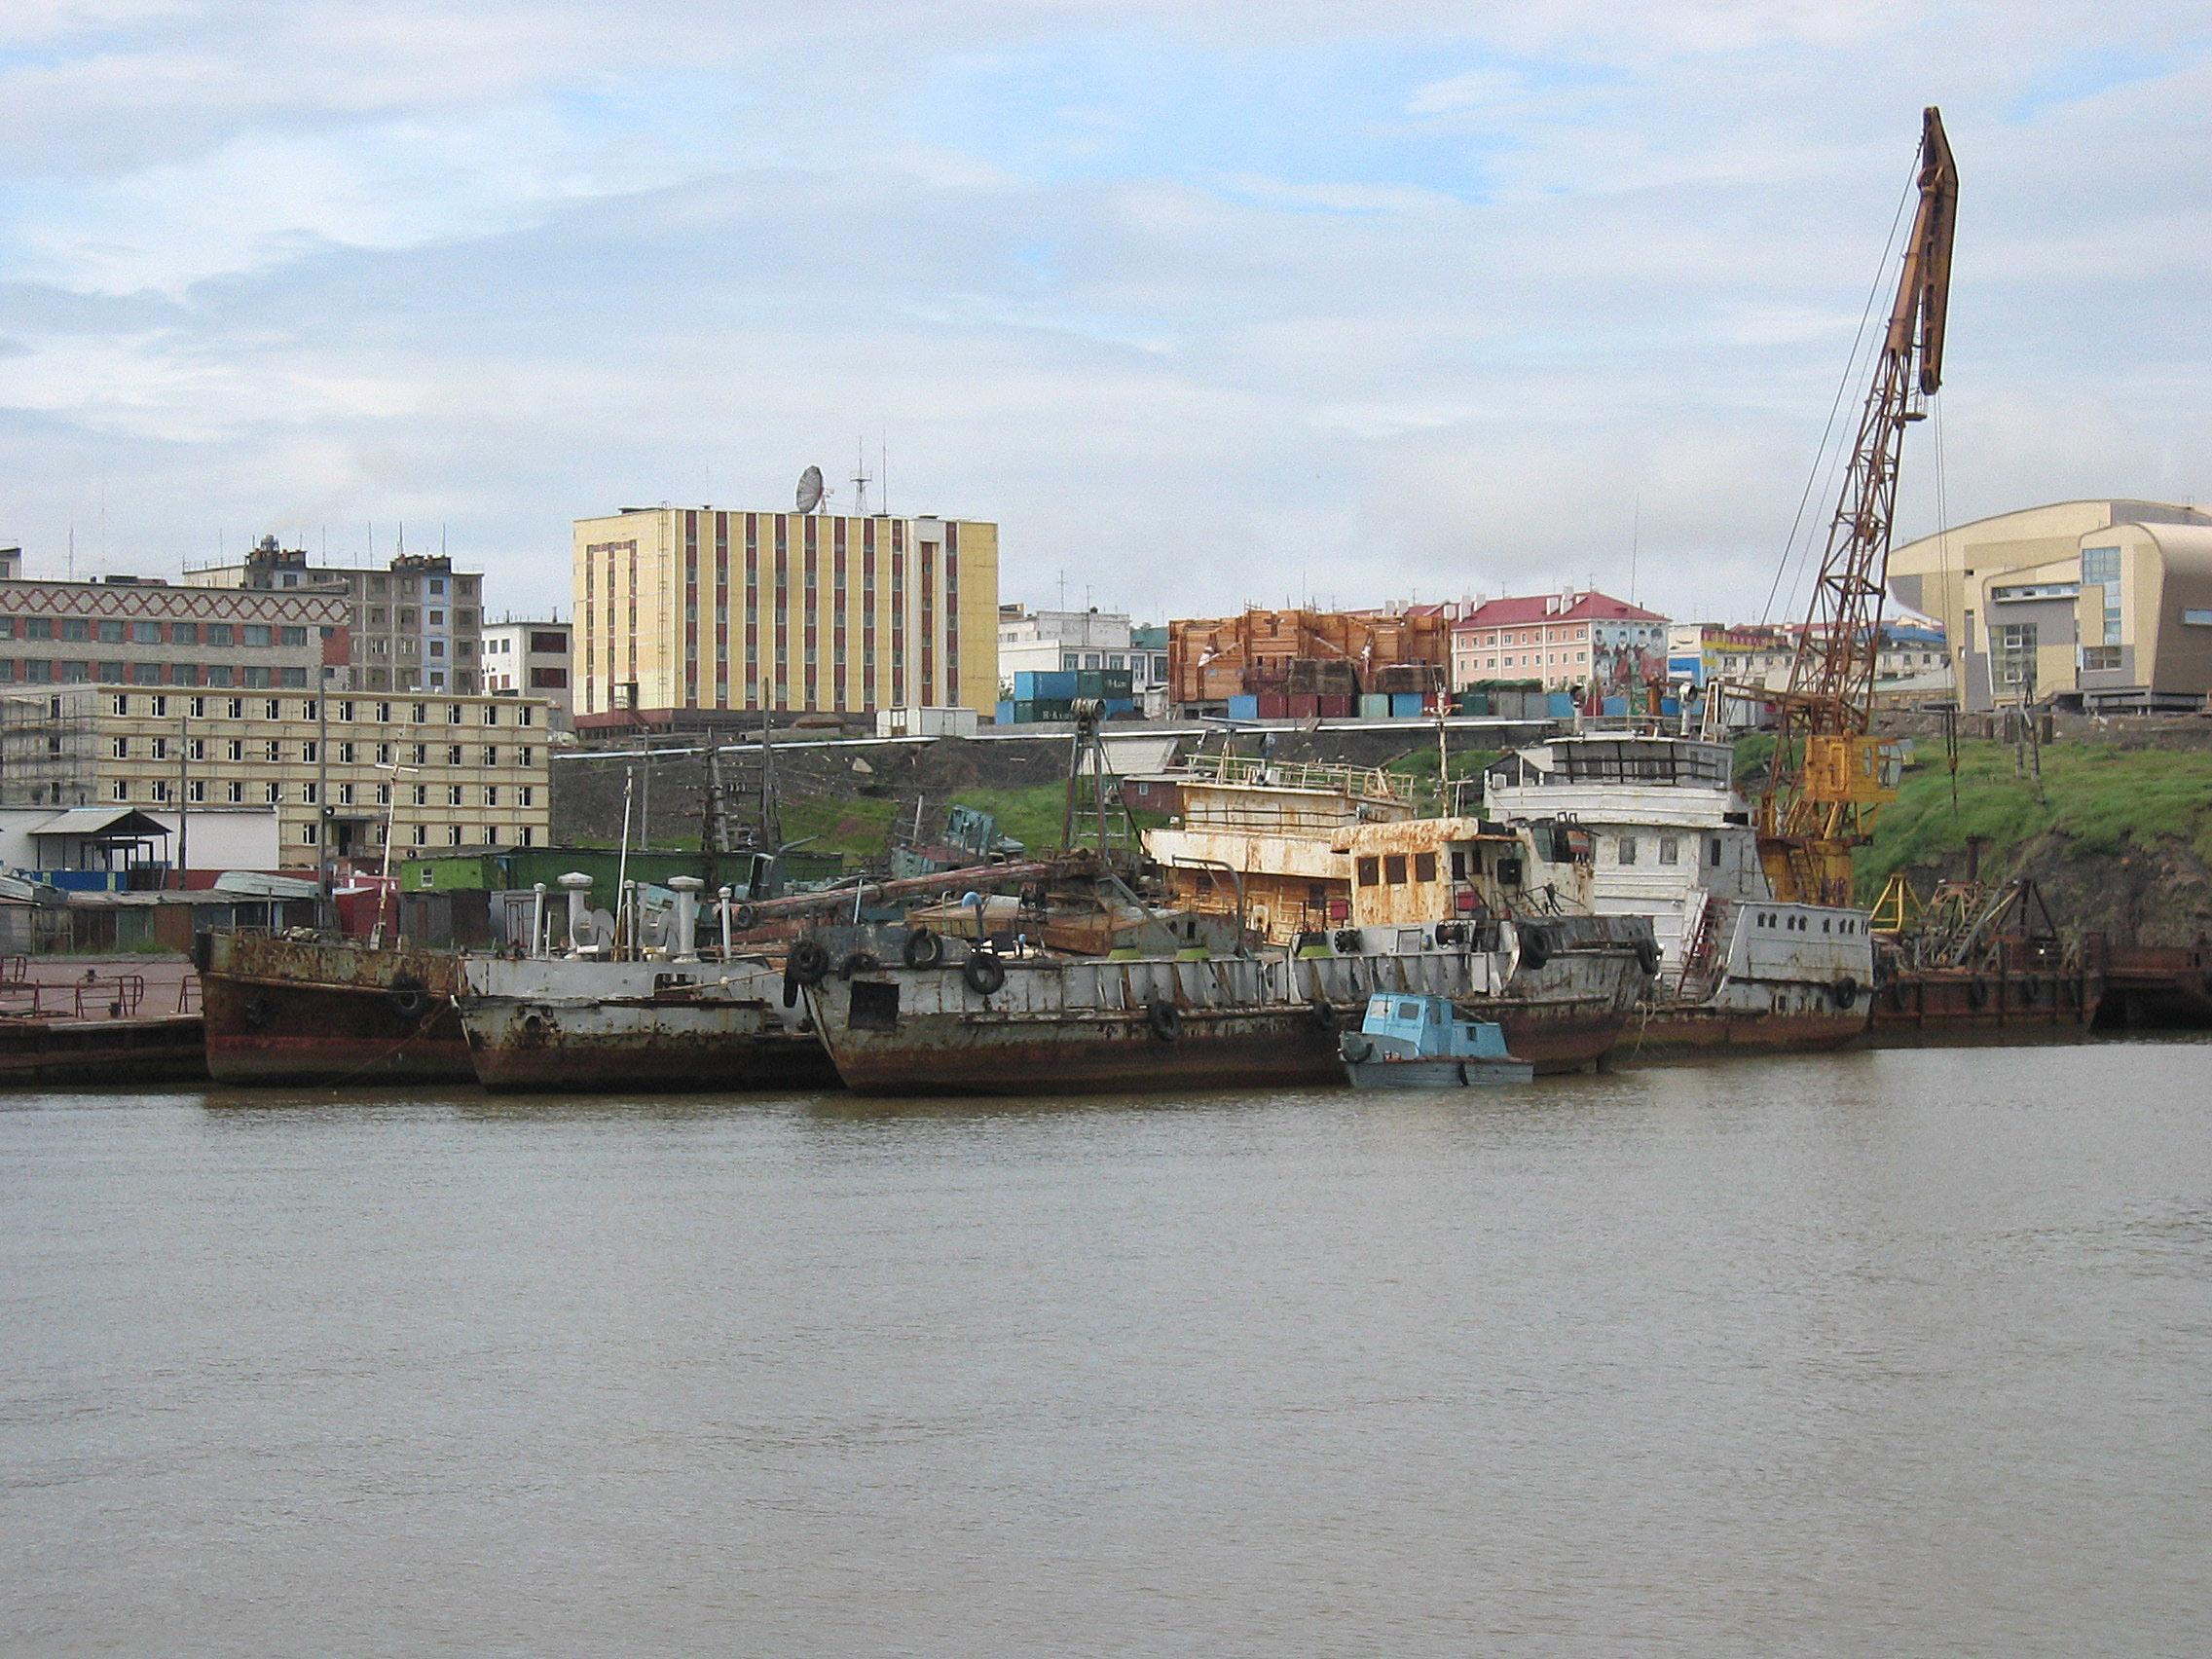 Анадырь - это... Что такое Анадырь? Чукотский Автономный Округ Флаг